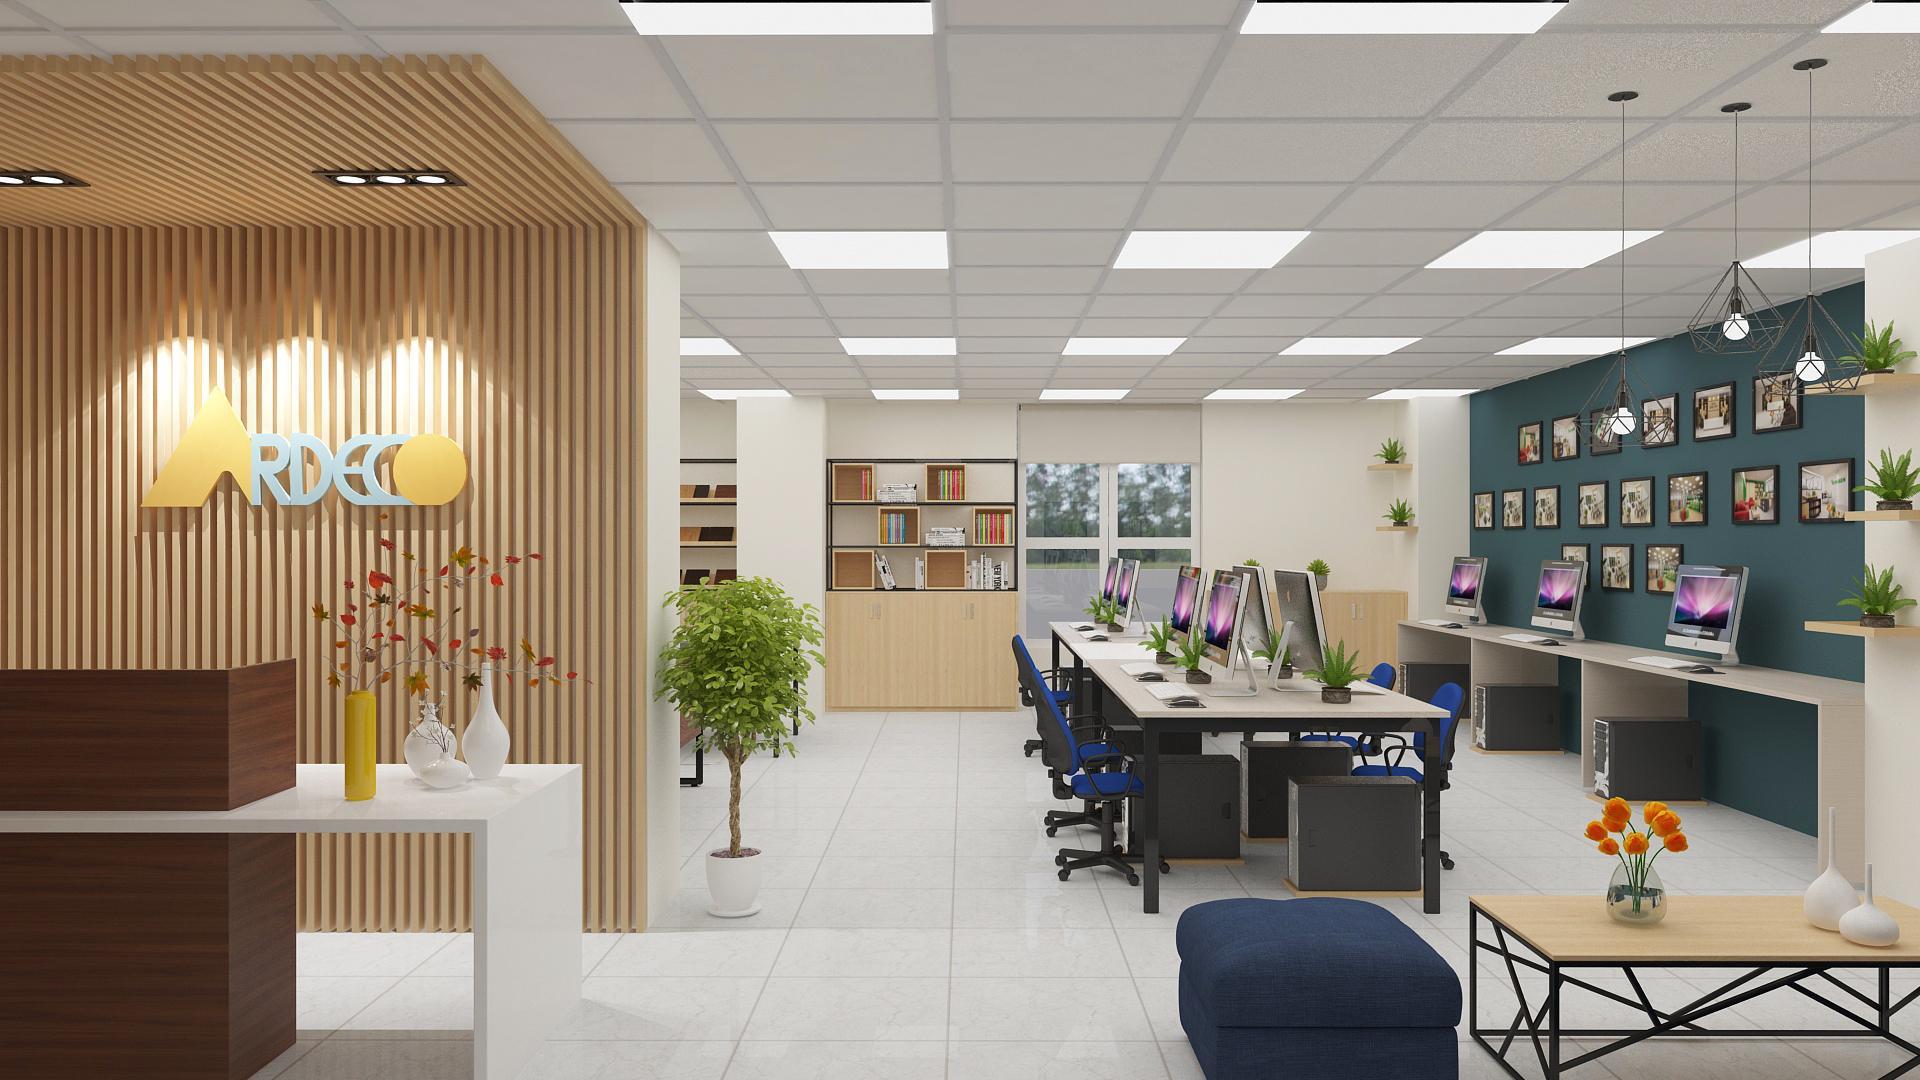 Không gian thiết kế văn phòng với màu sắc hài hòa, dễ chịu